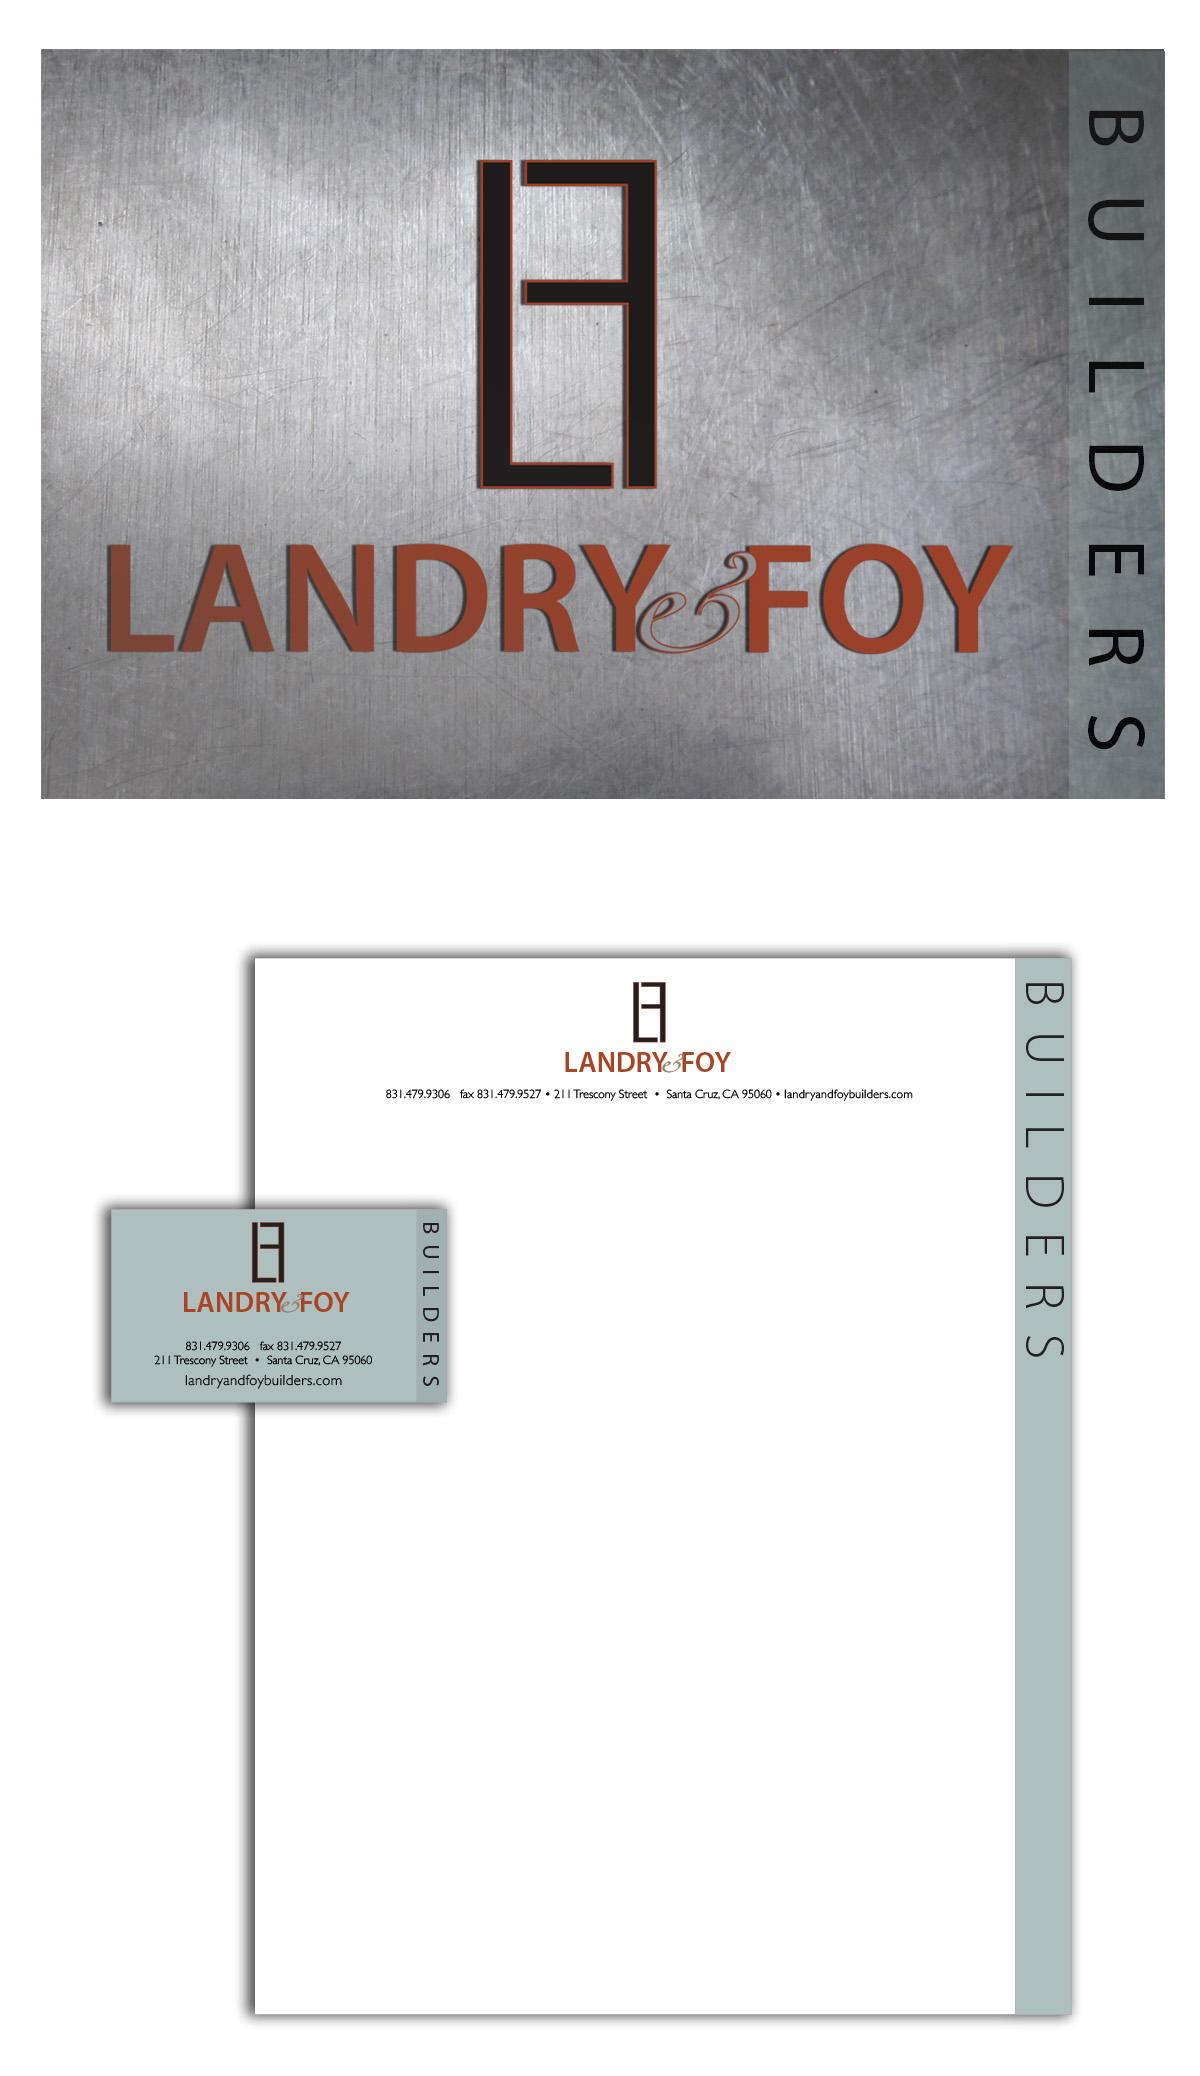 landry & foy